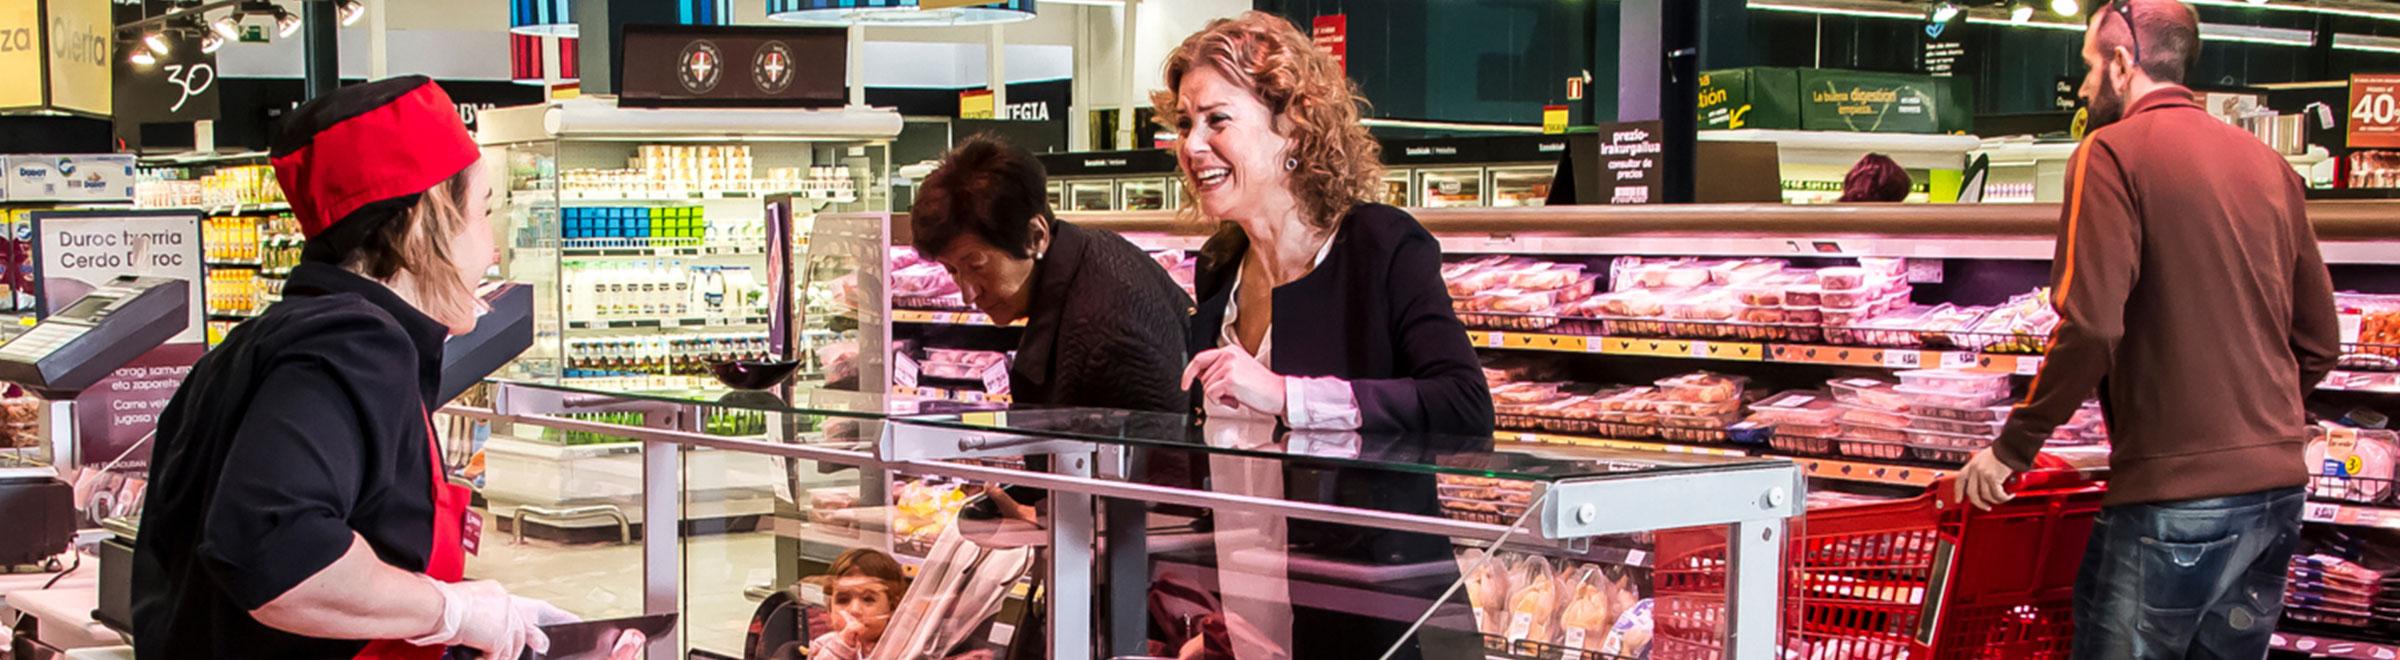 Mujer sonrie a empleada en supermercado Eroski